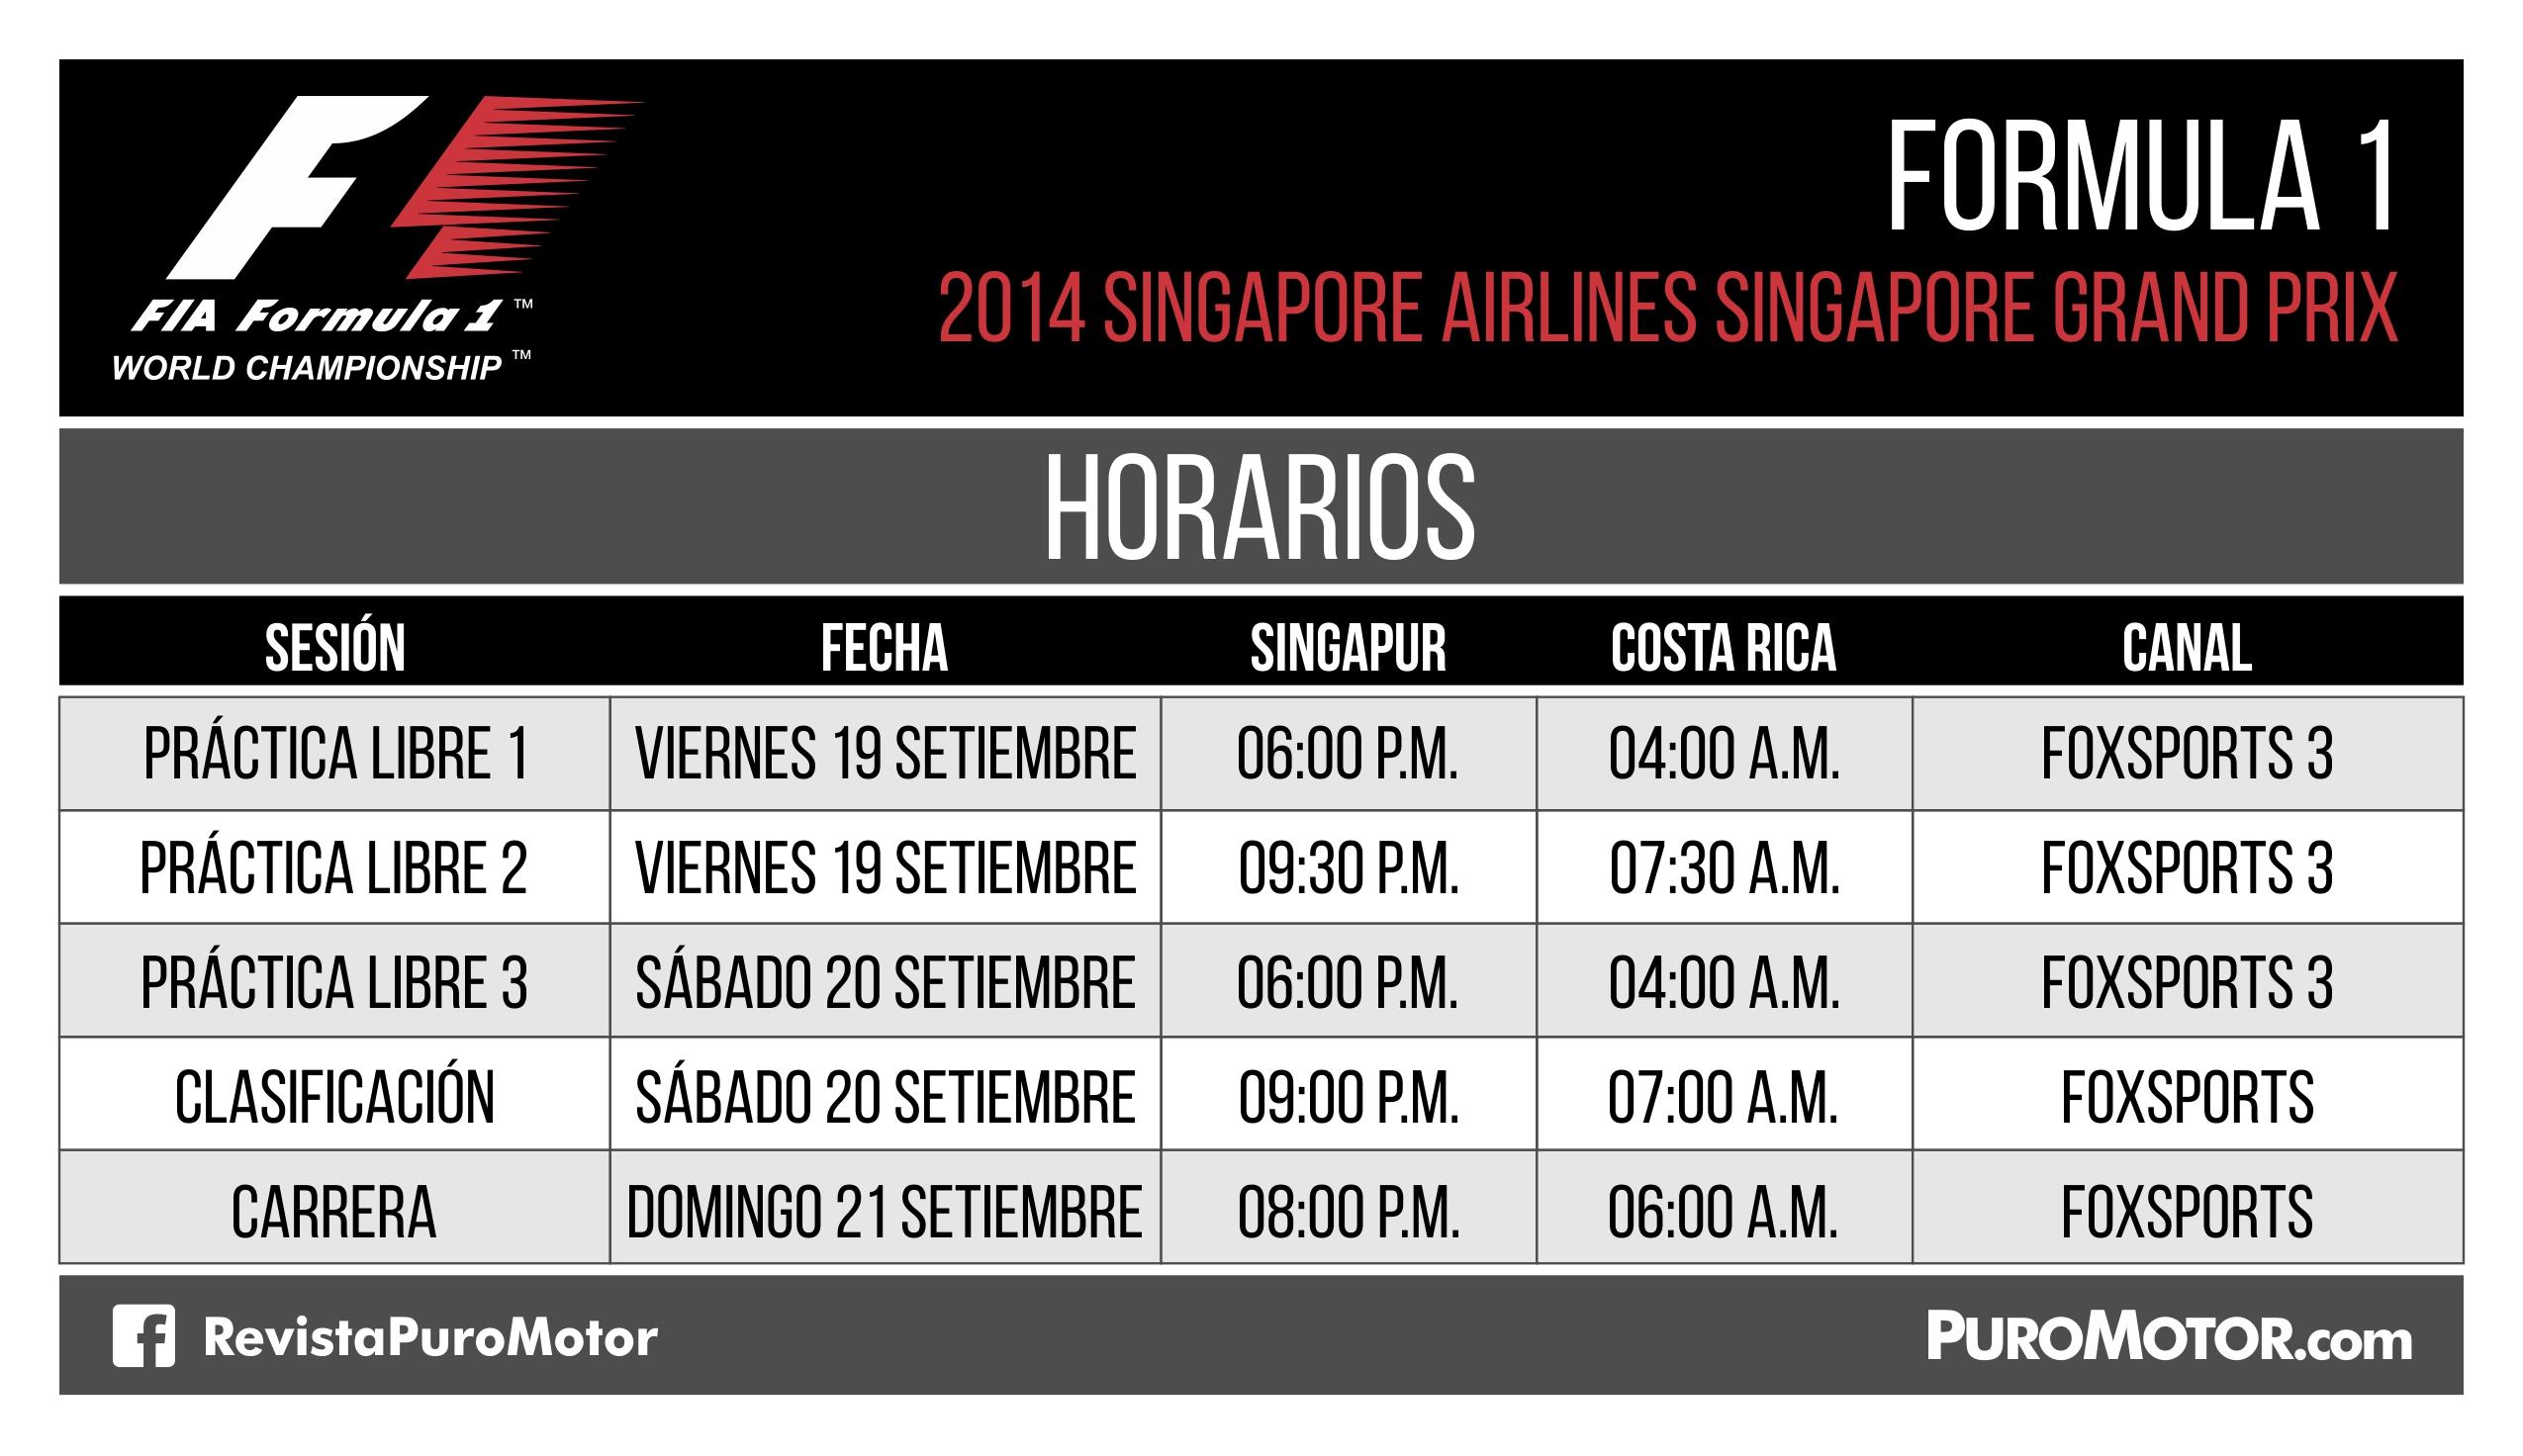 Horarios F1 Singapore